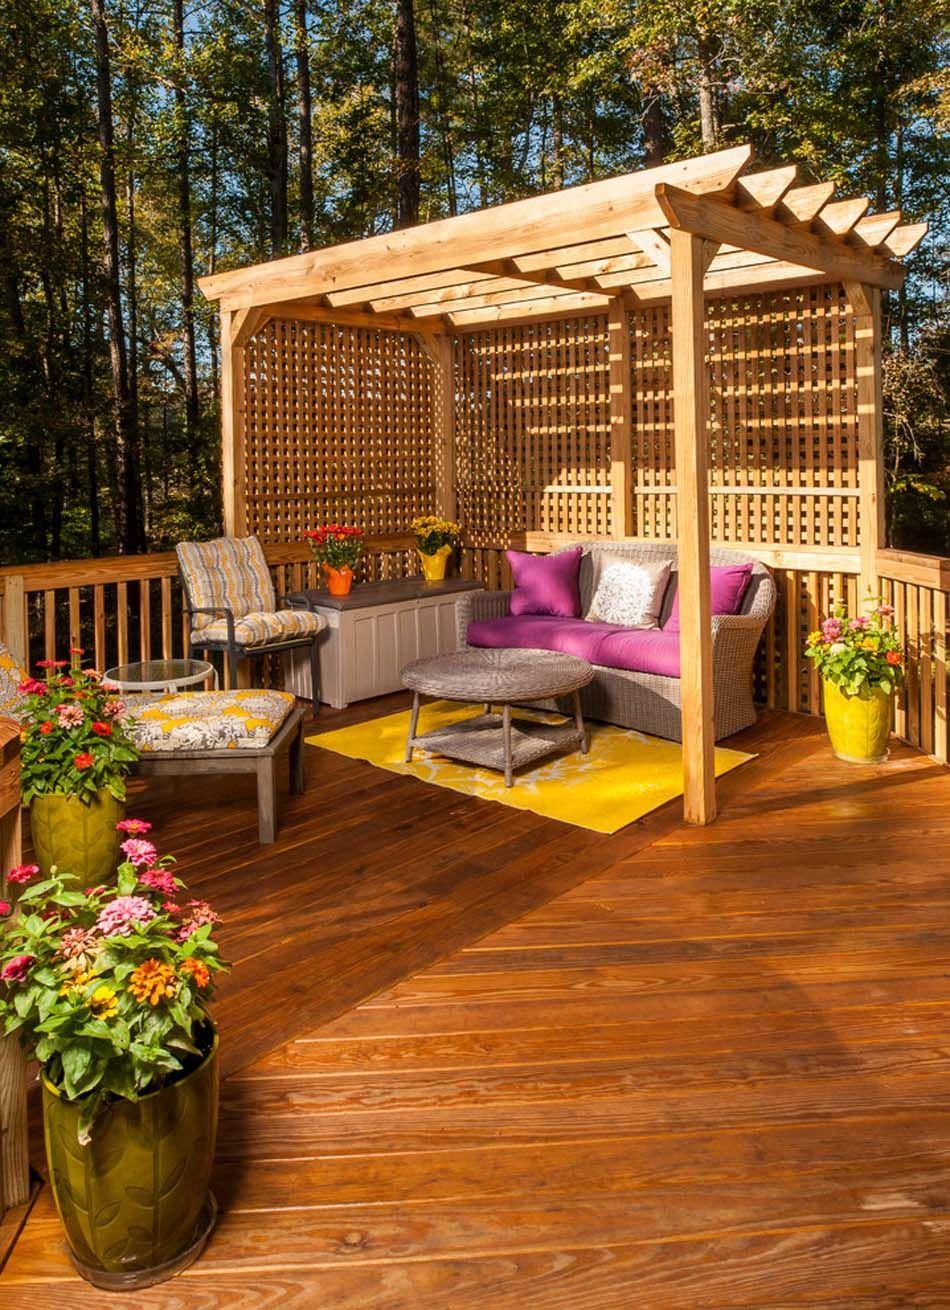 Bamboo gazebo deck plans - Patio Piscine Moderne Pergola Et Paravent En C Dre Patio Pinterest Patios Decking And Backyard